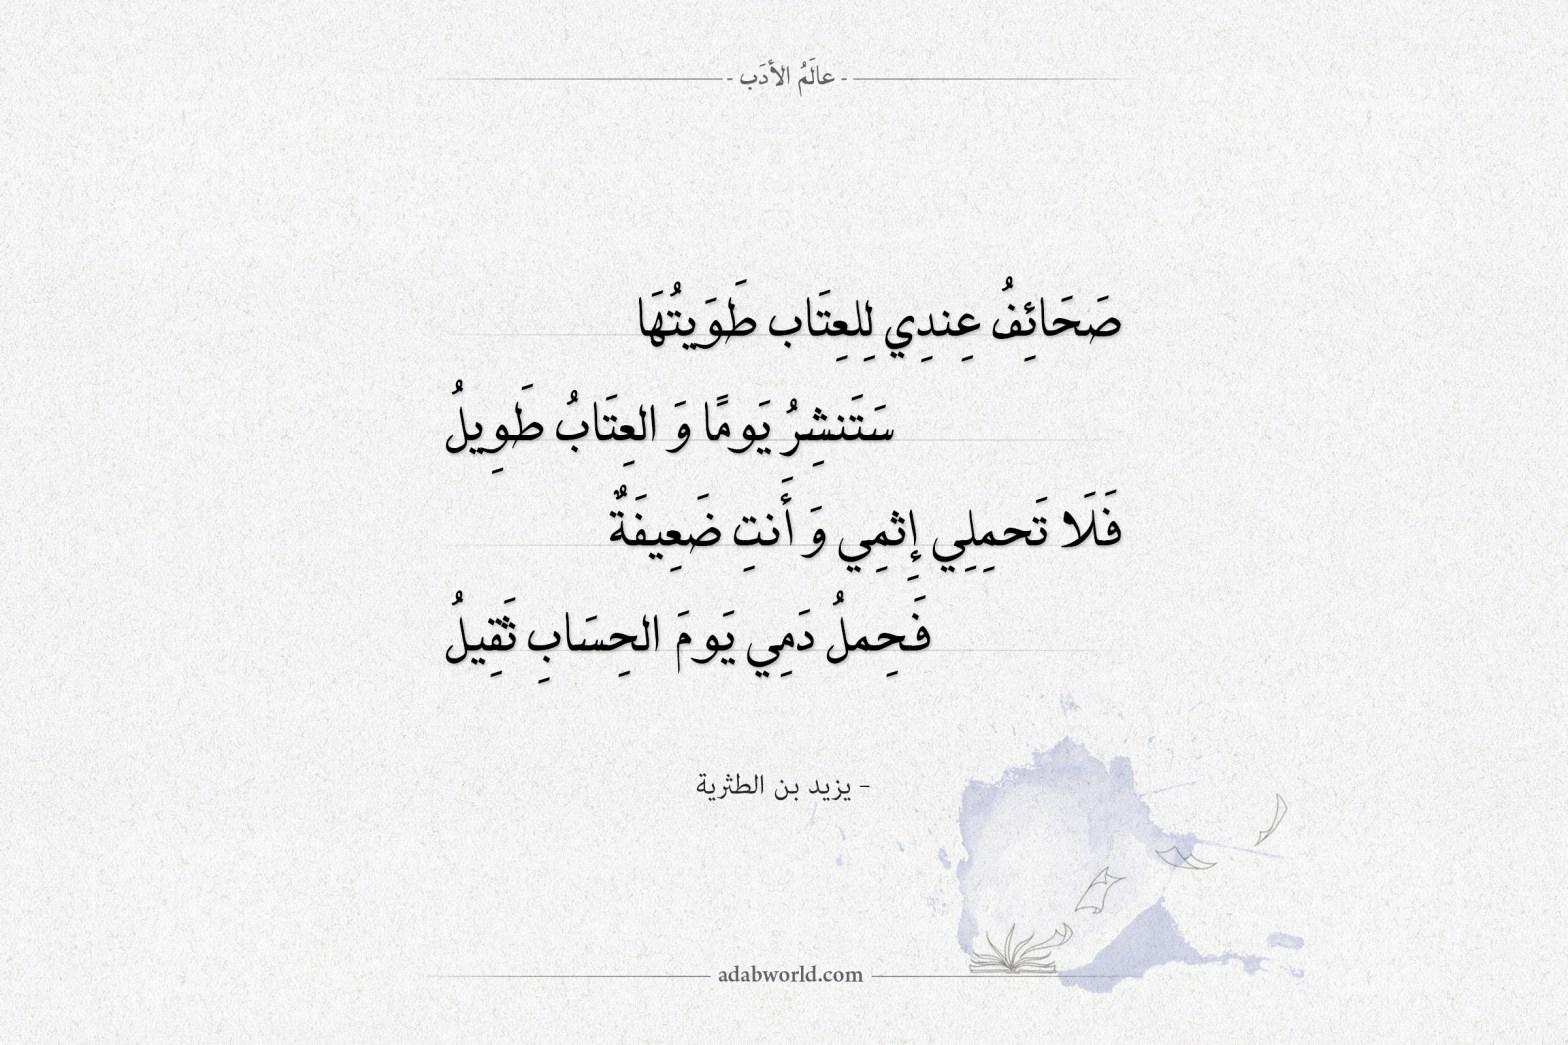 شعر يزيد بن الطثرية صحائف عندي للعتاب طويتها